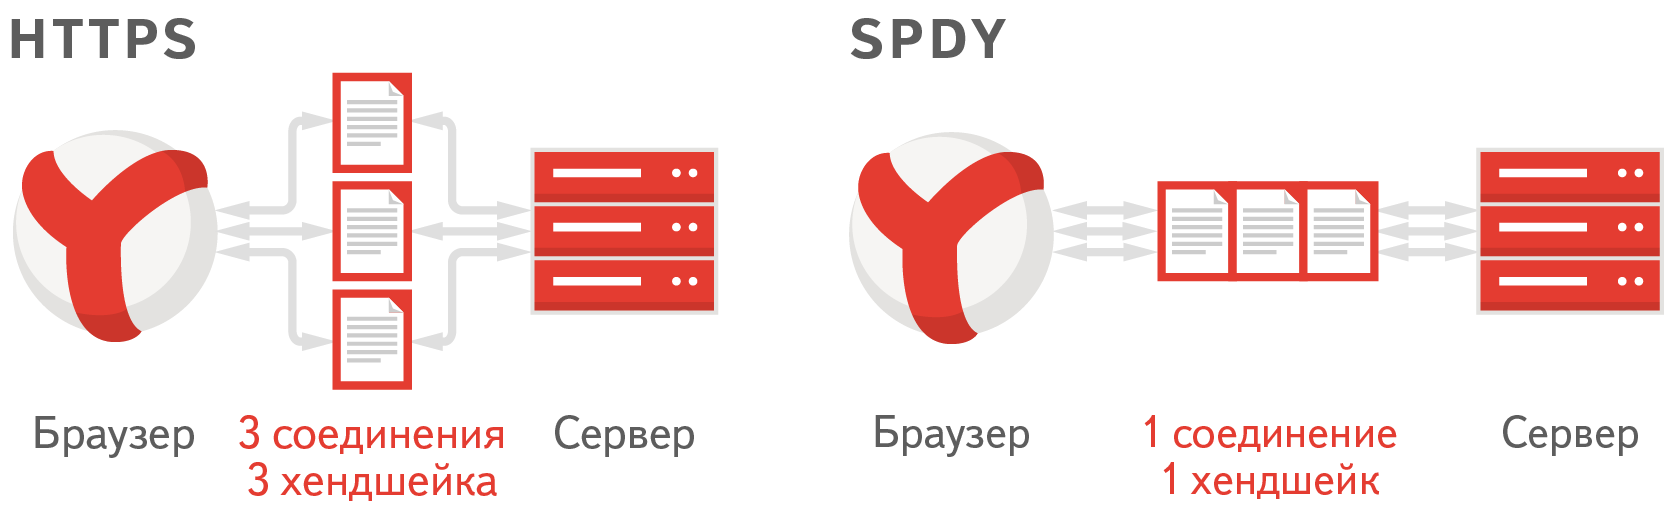 Совместный эксперимент команд Яндекс.Почты и Nginx: действительно ли SPDY ускорит интернет?